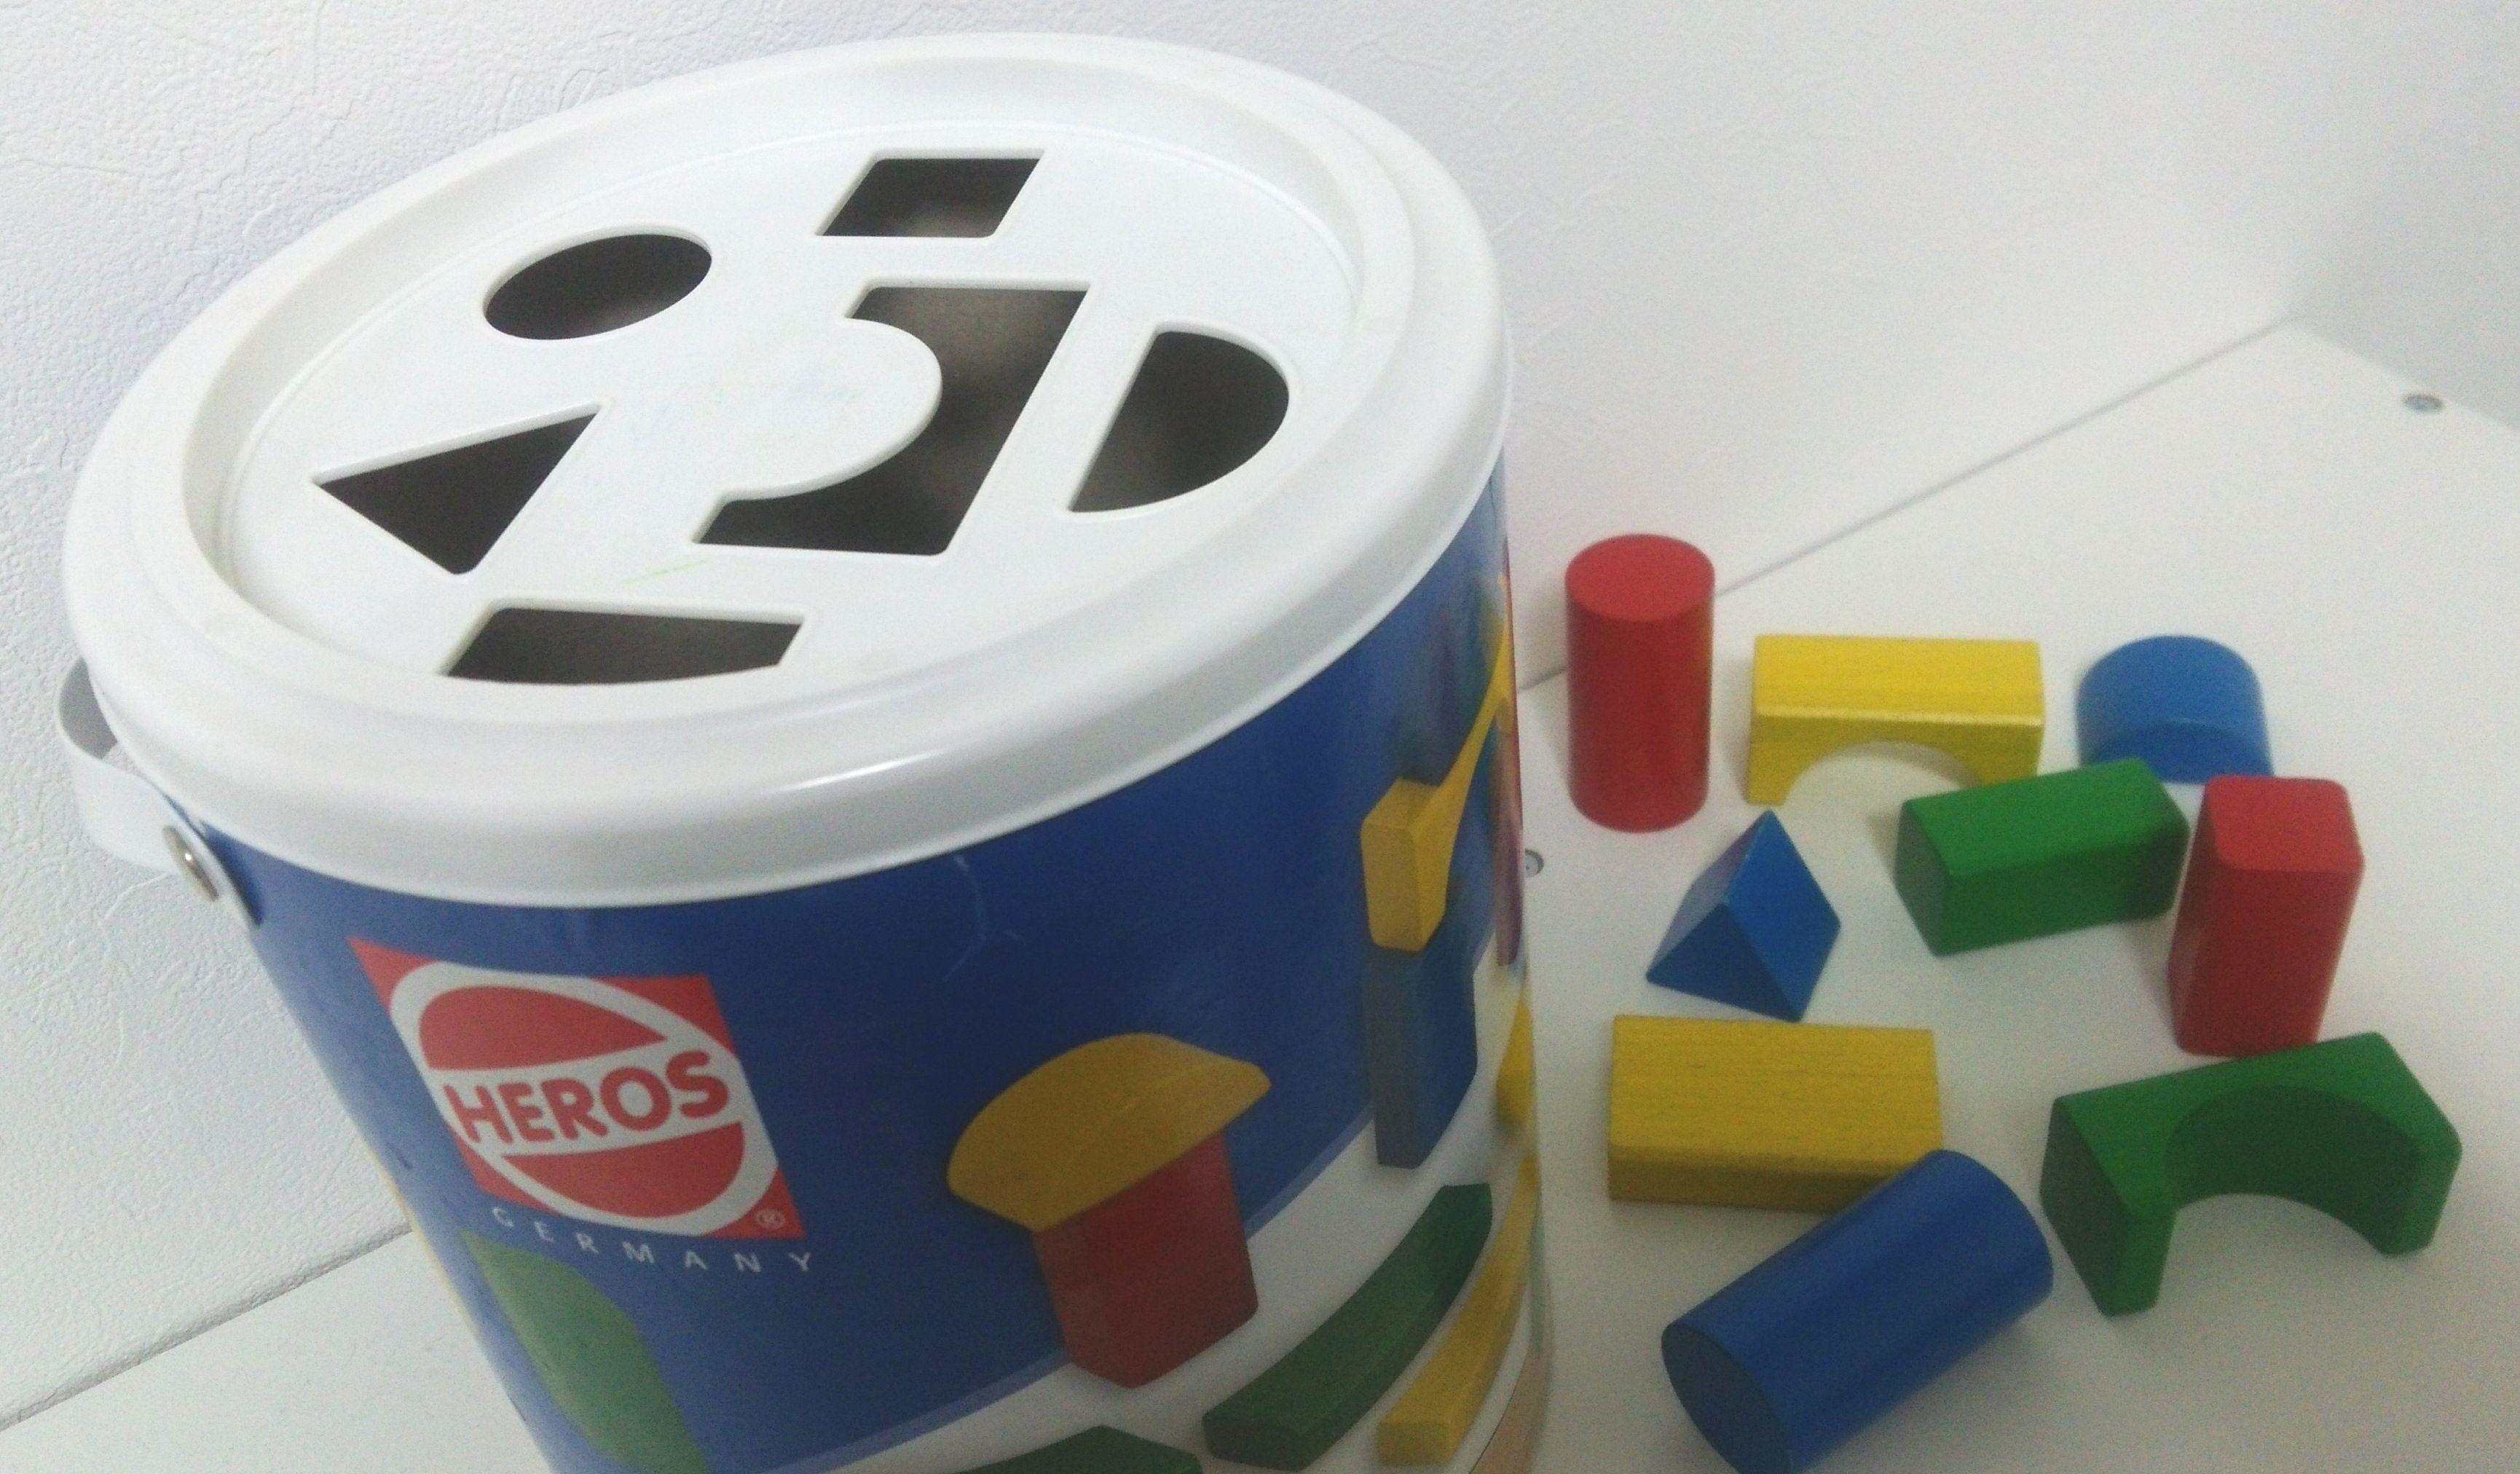 子どもがハマる!型はめパズルとしても使えて2度おいしい『HEROS 筒入り積み木』